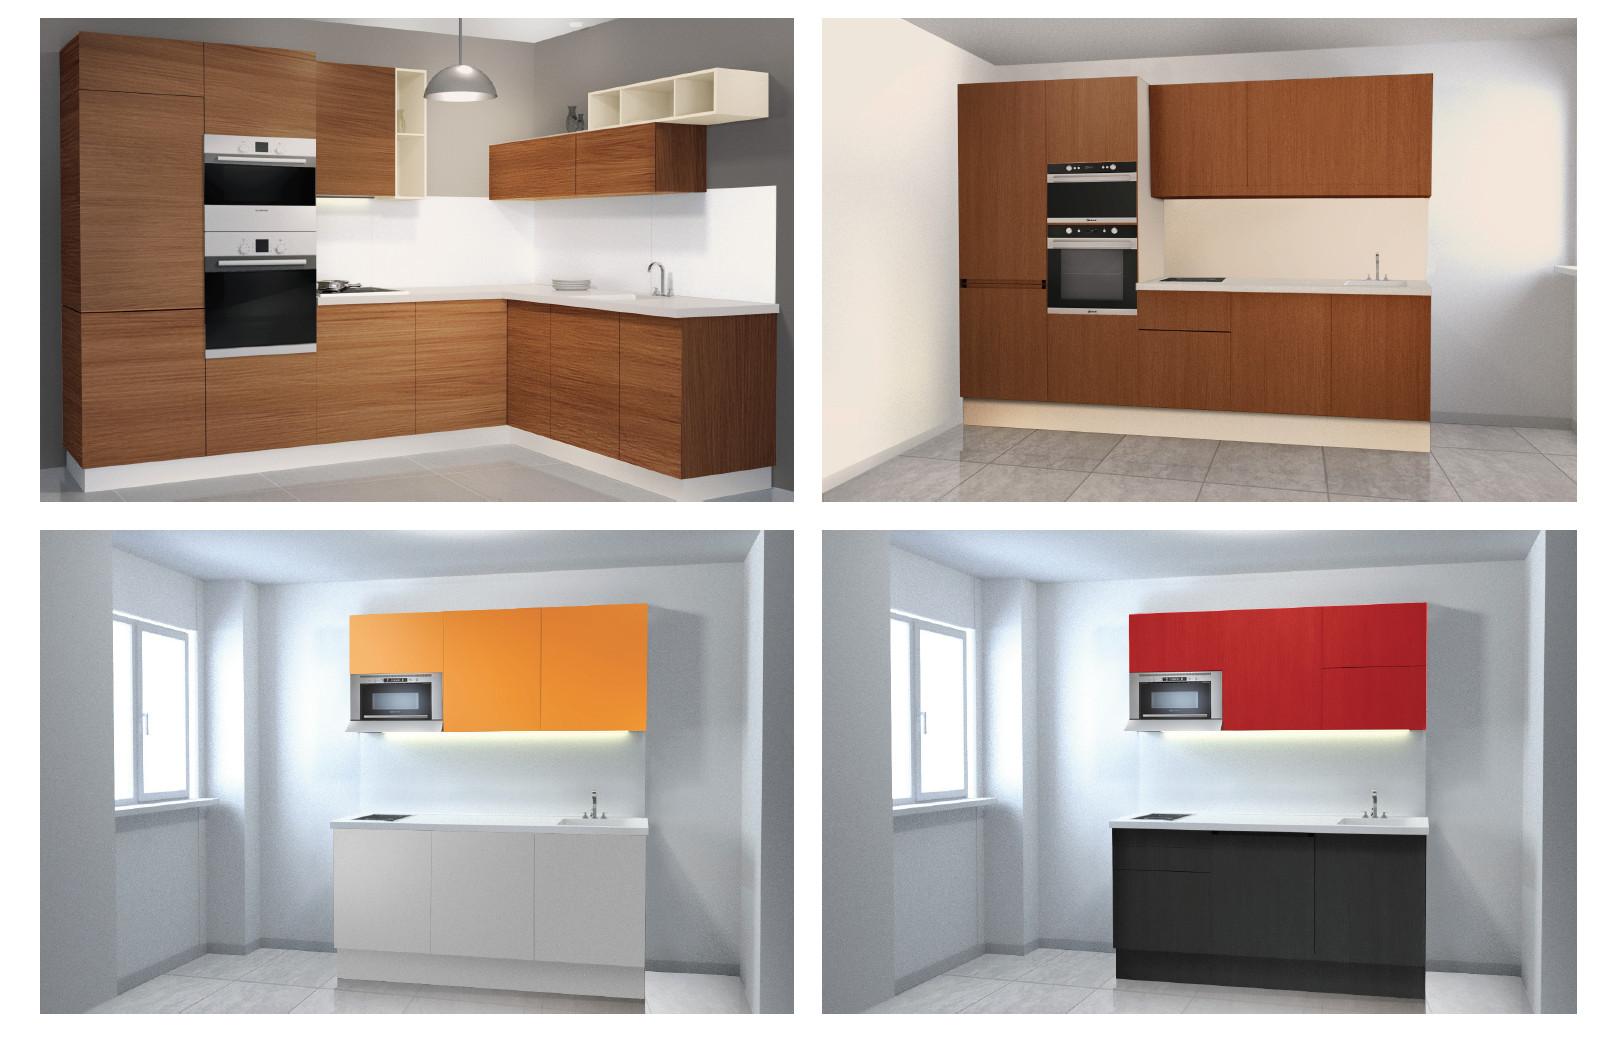 Wohnen und Arbeiten in Arlesheim, Beispiel Bauprojekt von Daniel Bächtold (Quelle: zur Verfügung gestellt)